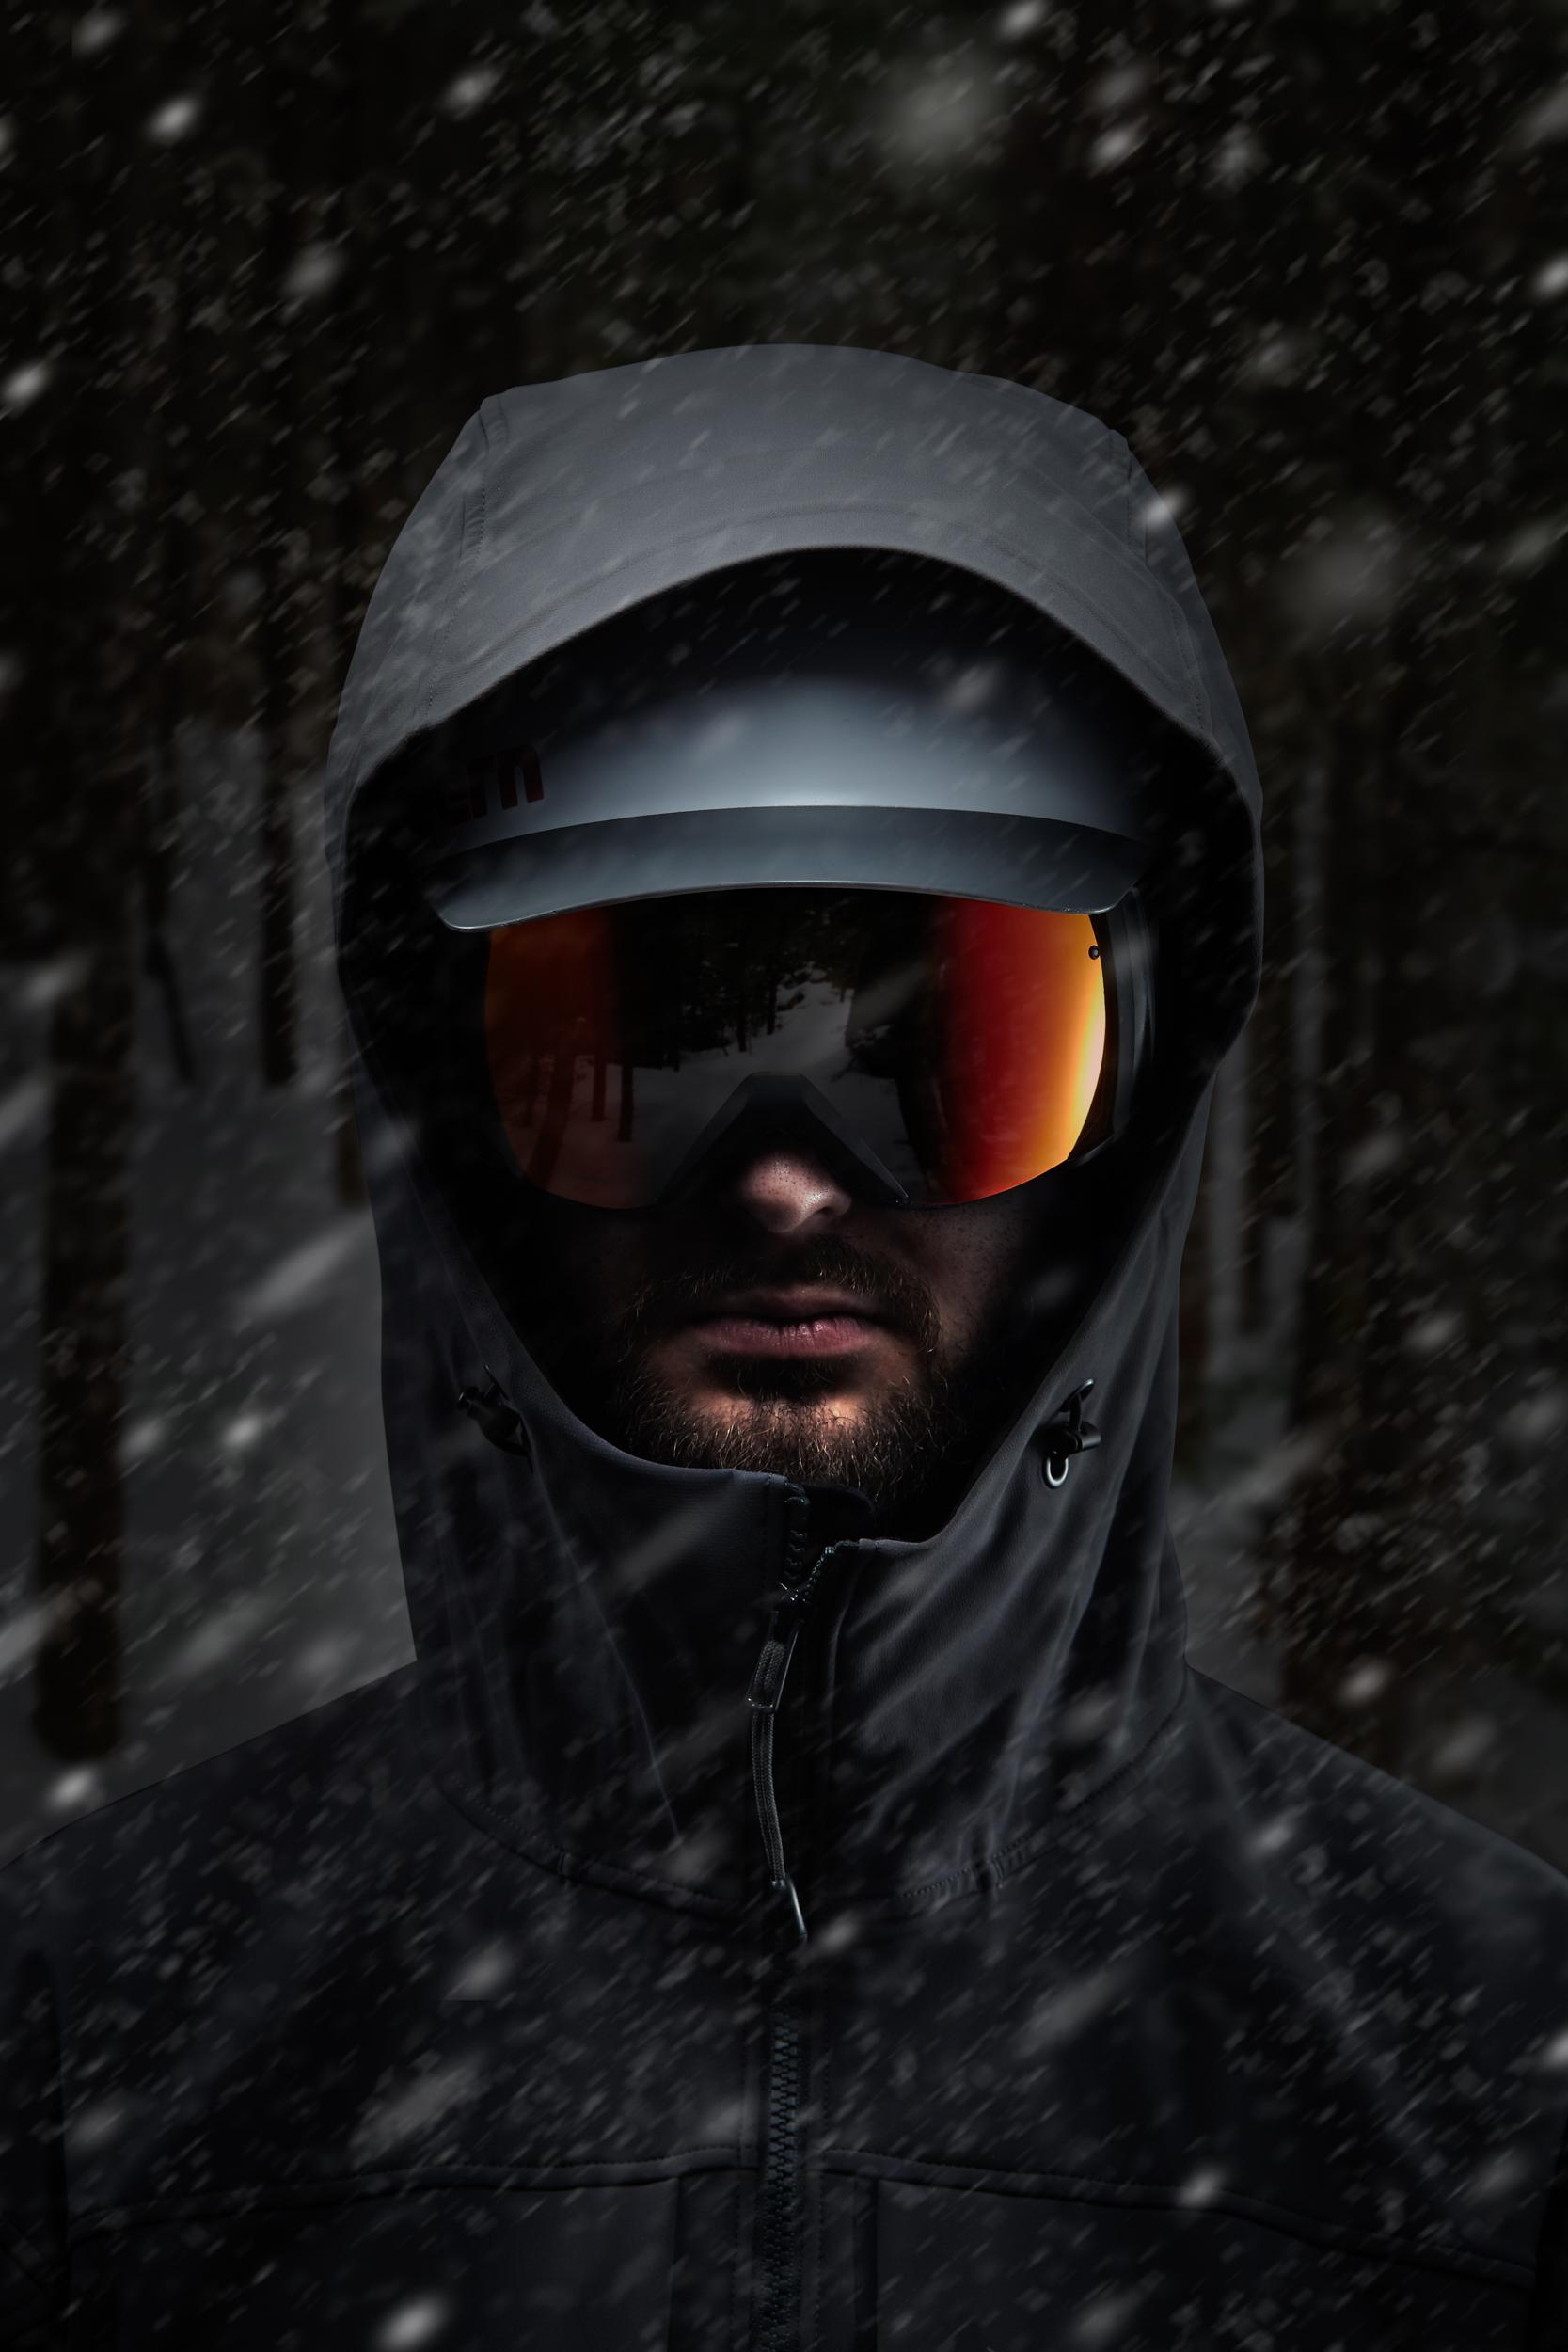 20190106_Ski_Helmet_Portrait_0050_RT.jpg